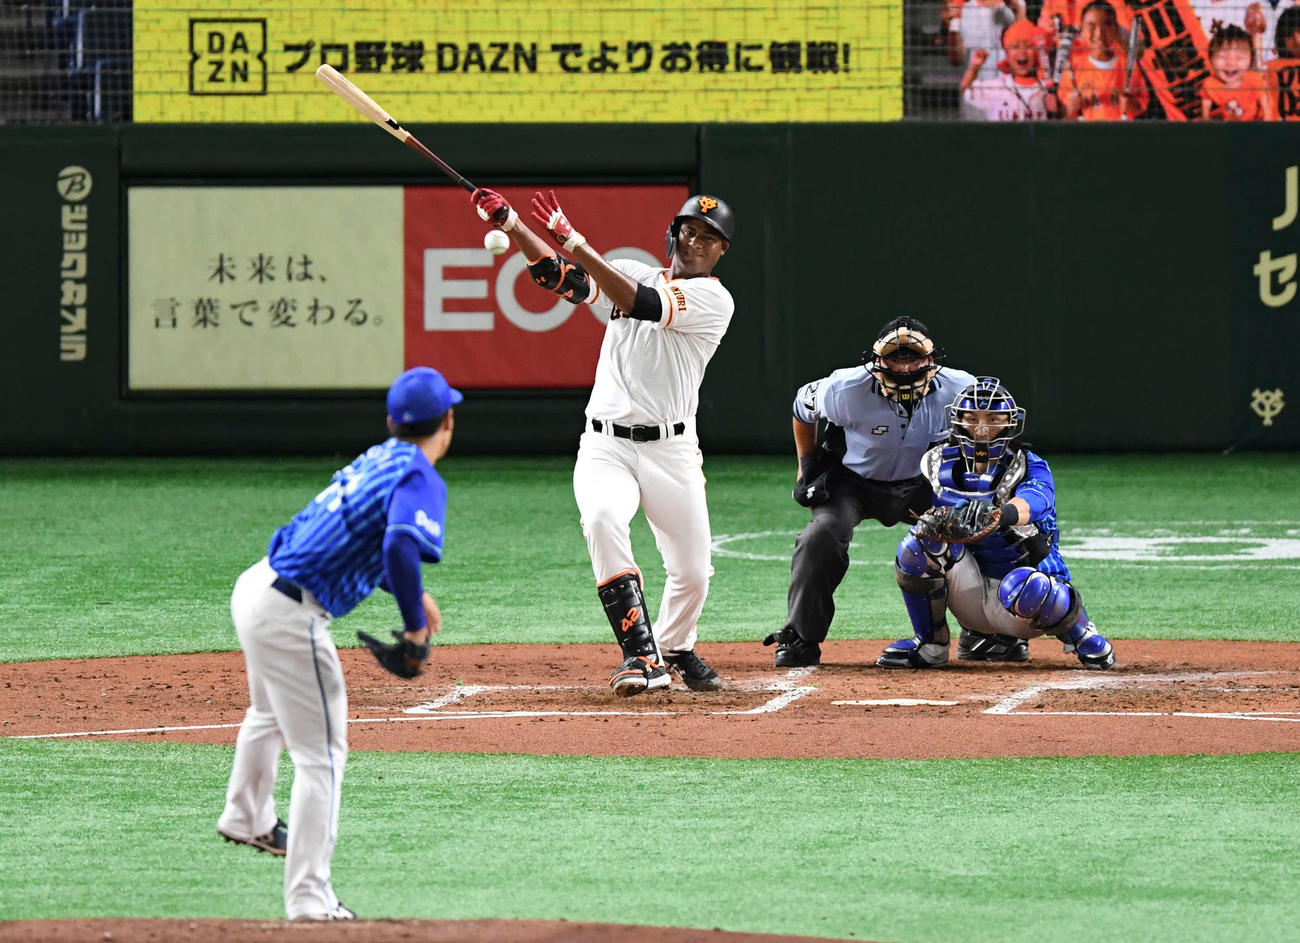 巨人対DeNA 3回裏巨人無死、メルセデスは中前打を放つ。投手桜井(撮影・山崎安昭)